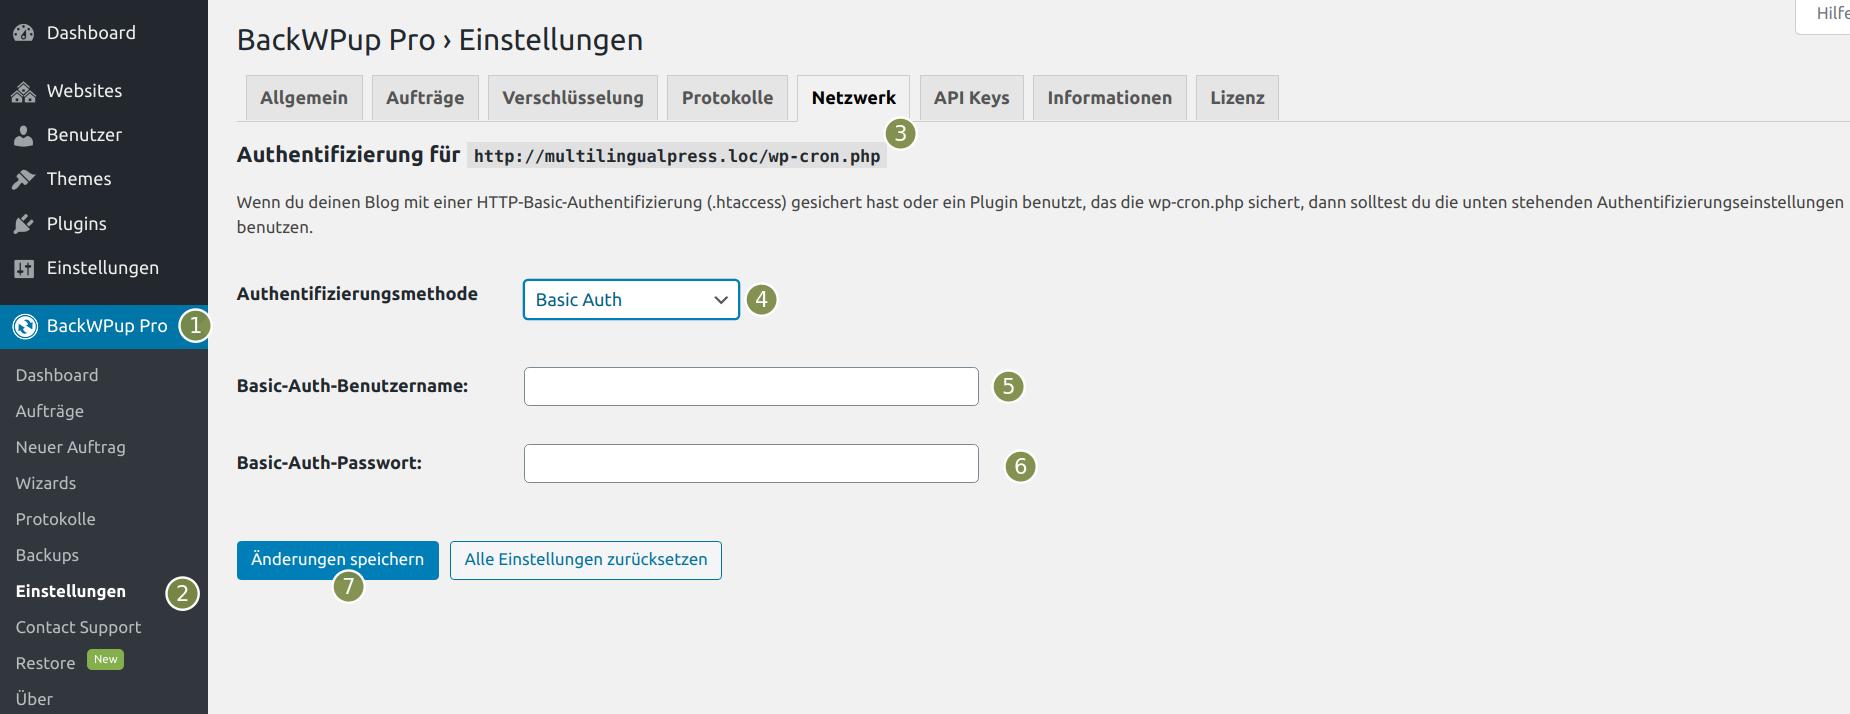 BackWPup Einstellungen für Backup mit HTTP-Basic-Authentifizierung (.htaccess)